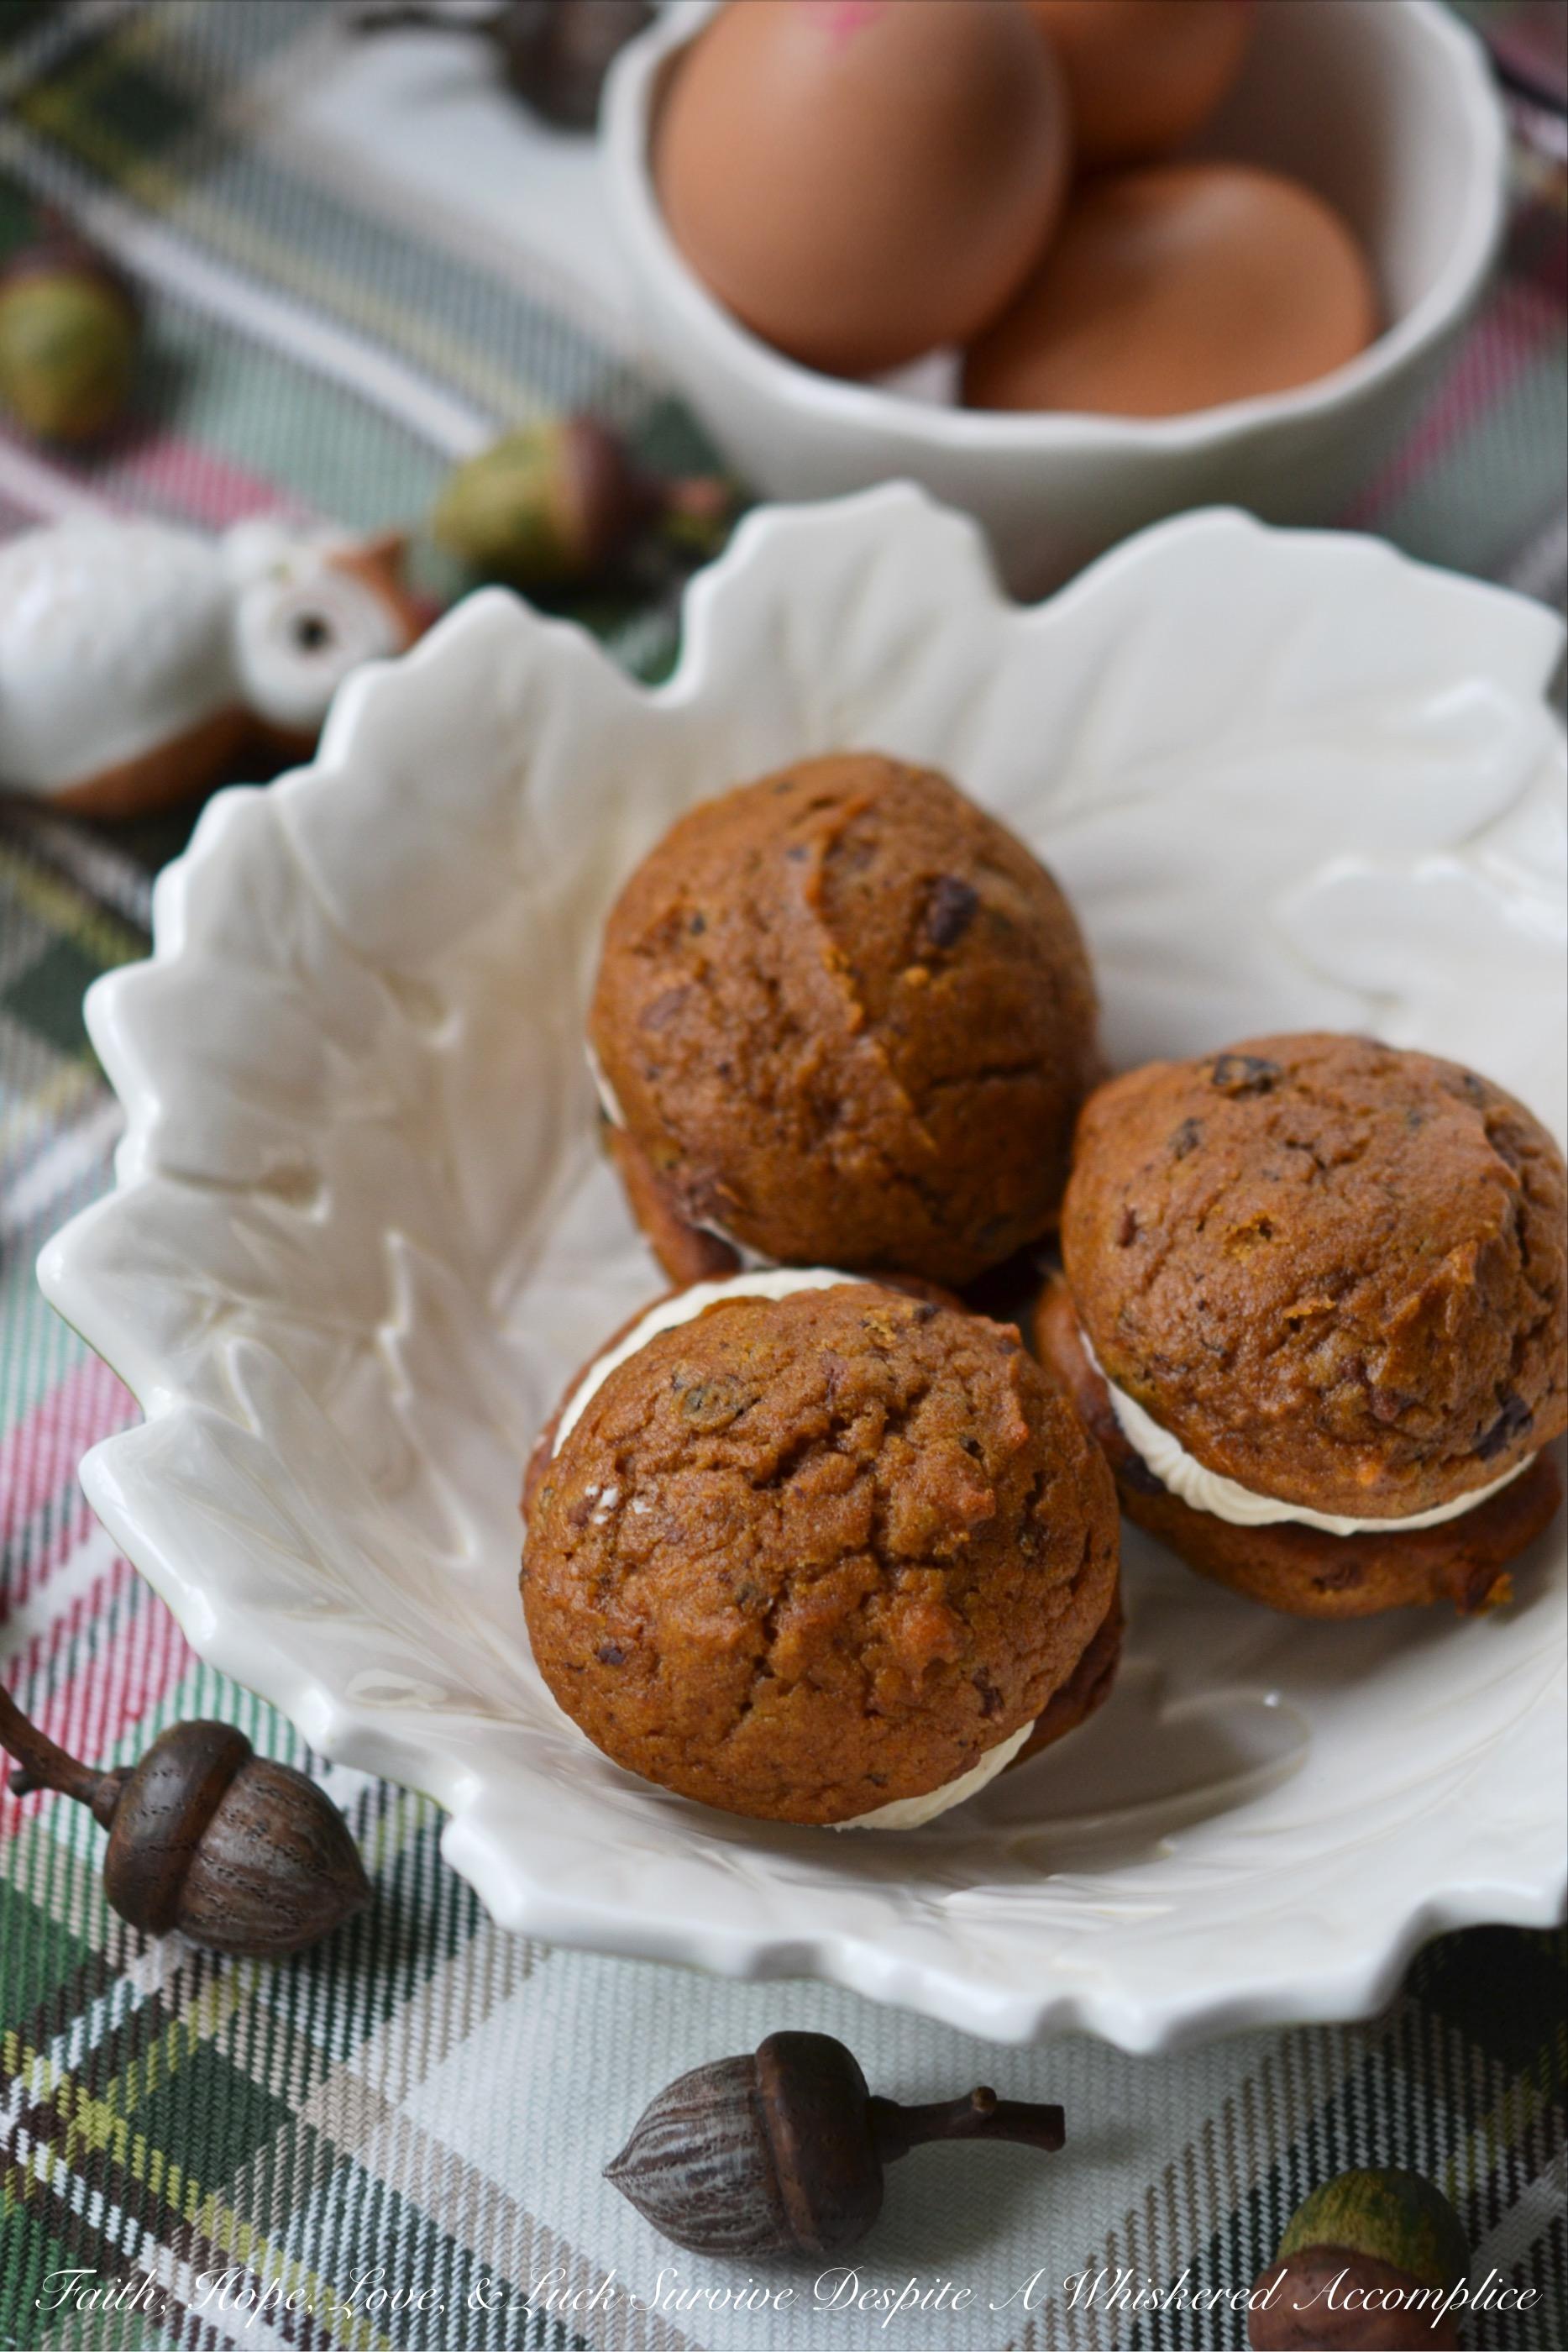 Winning Pumpkin Chocolate Whoopie Cookies